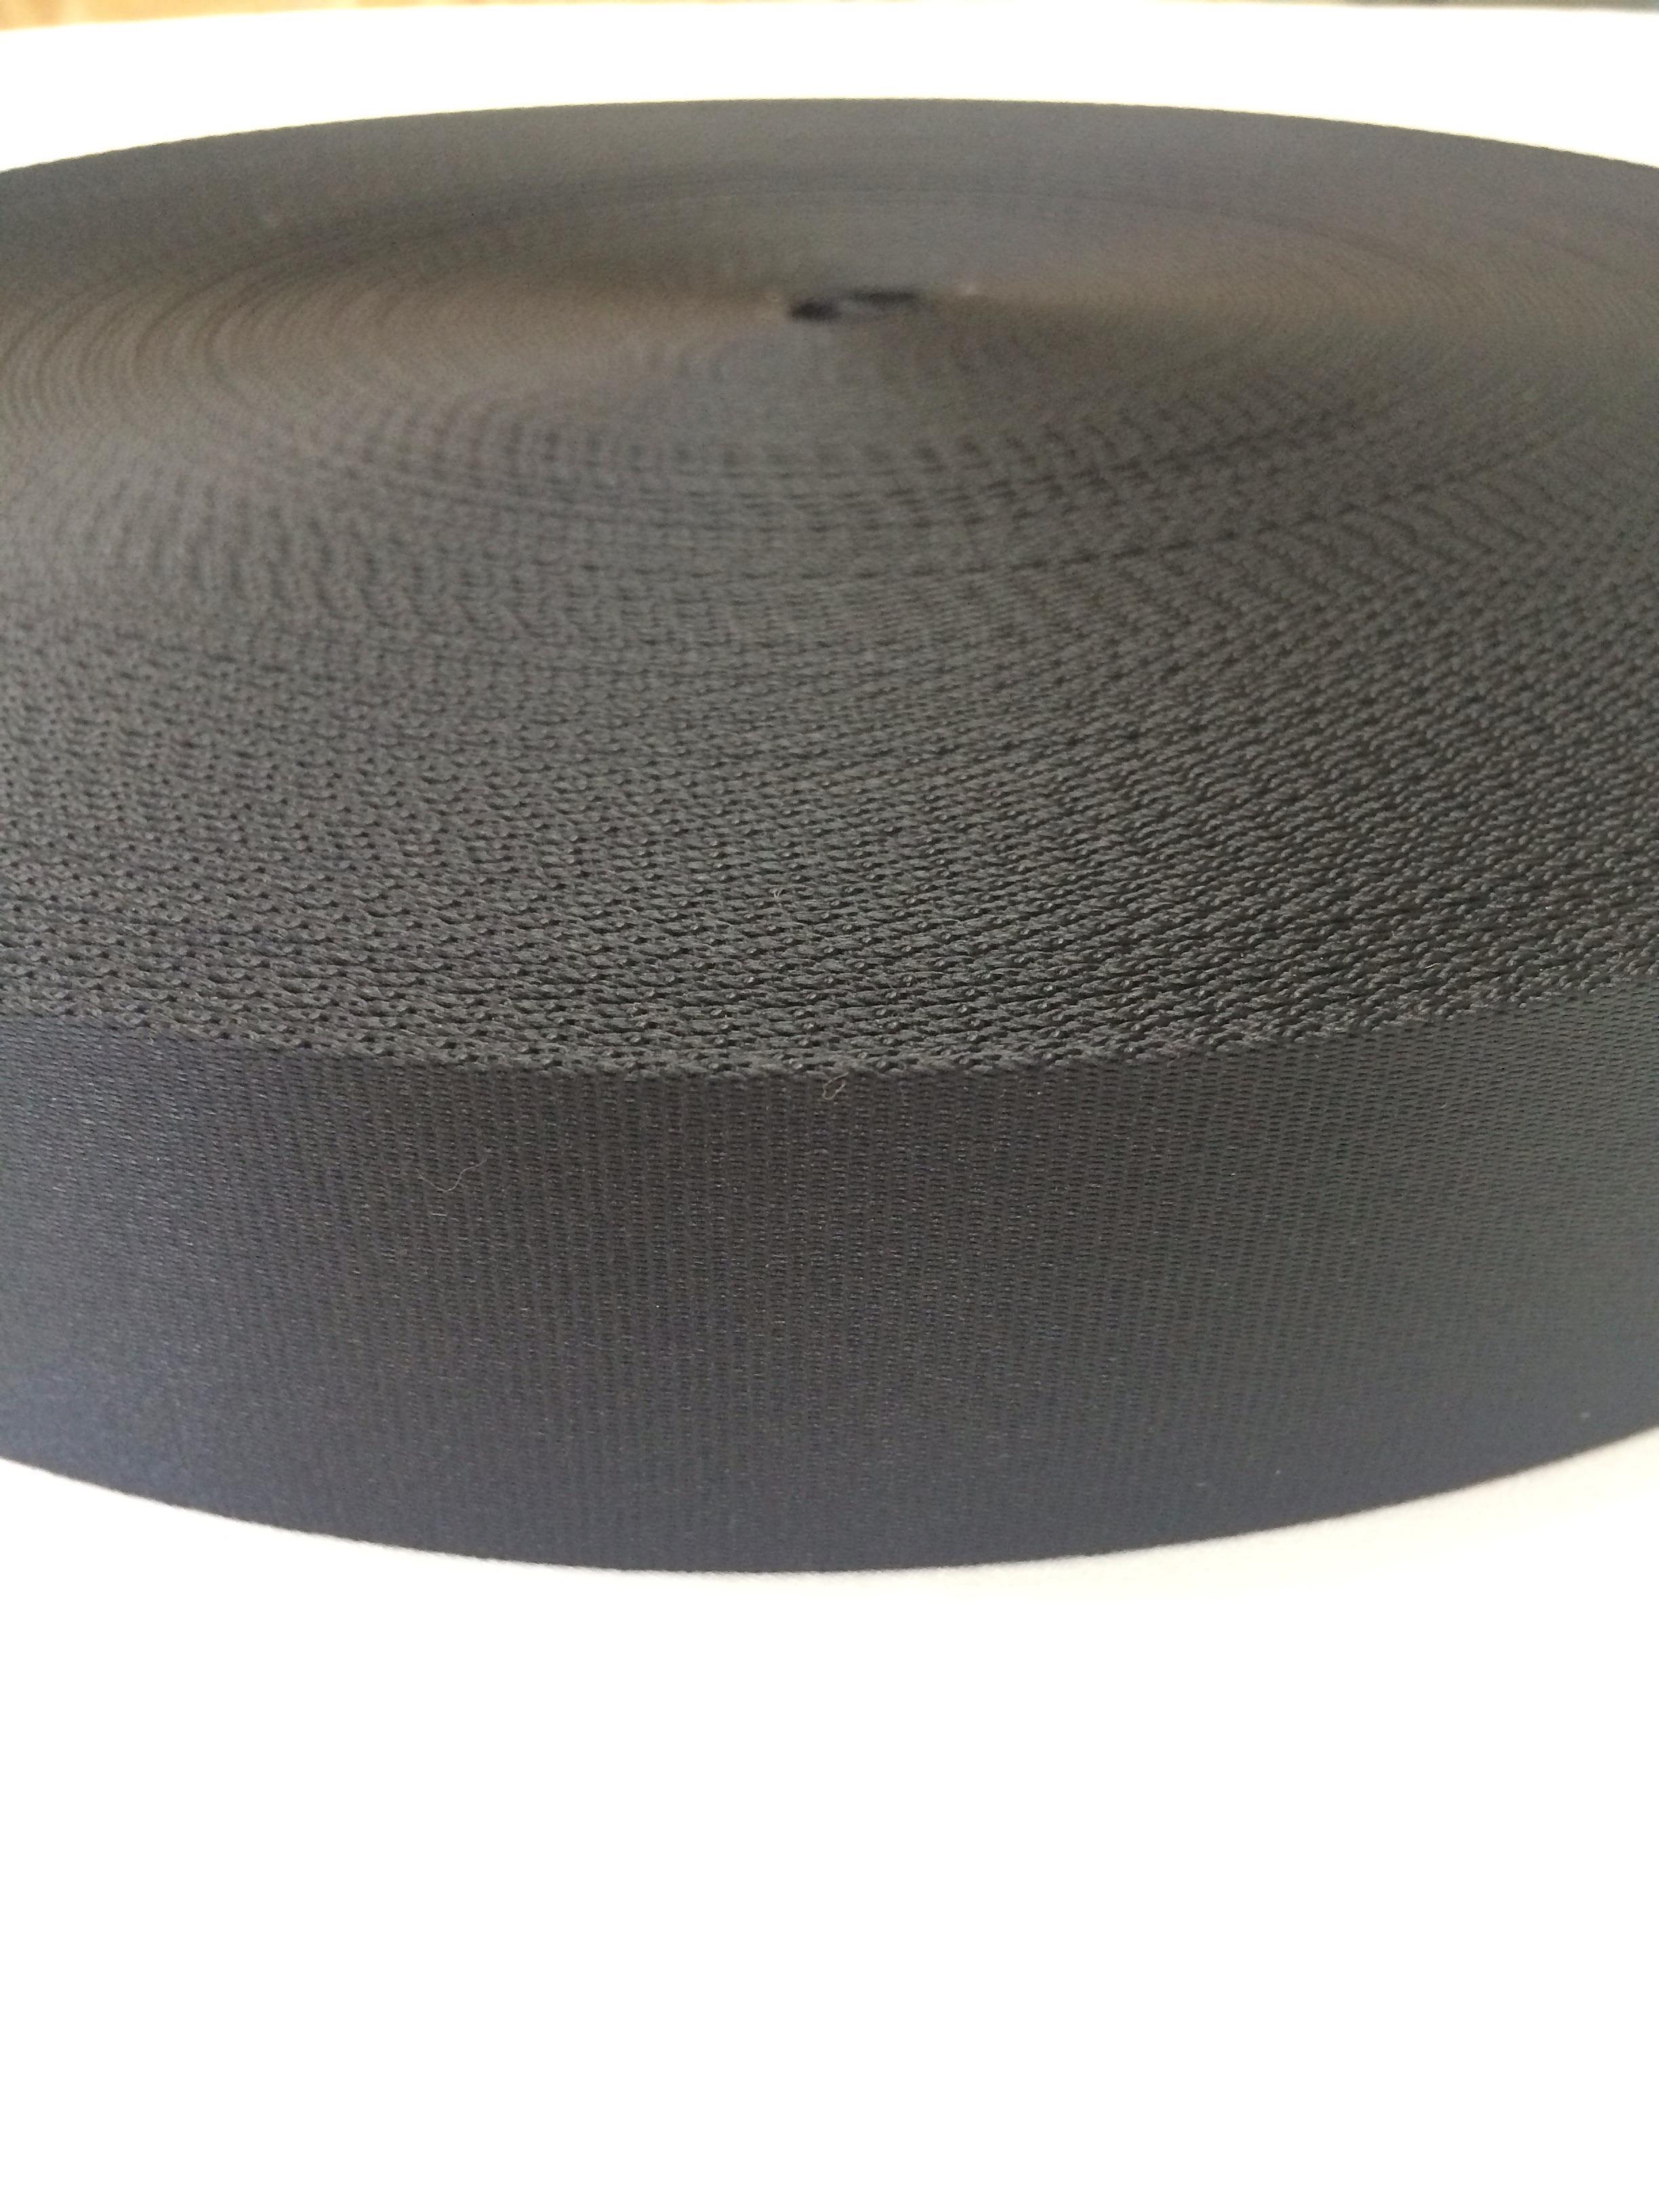 ナイロン ベルト テープ 朱子織 厚み薄目 1.1㎜厚  38mm幅 黒 1m